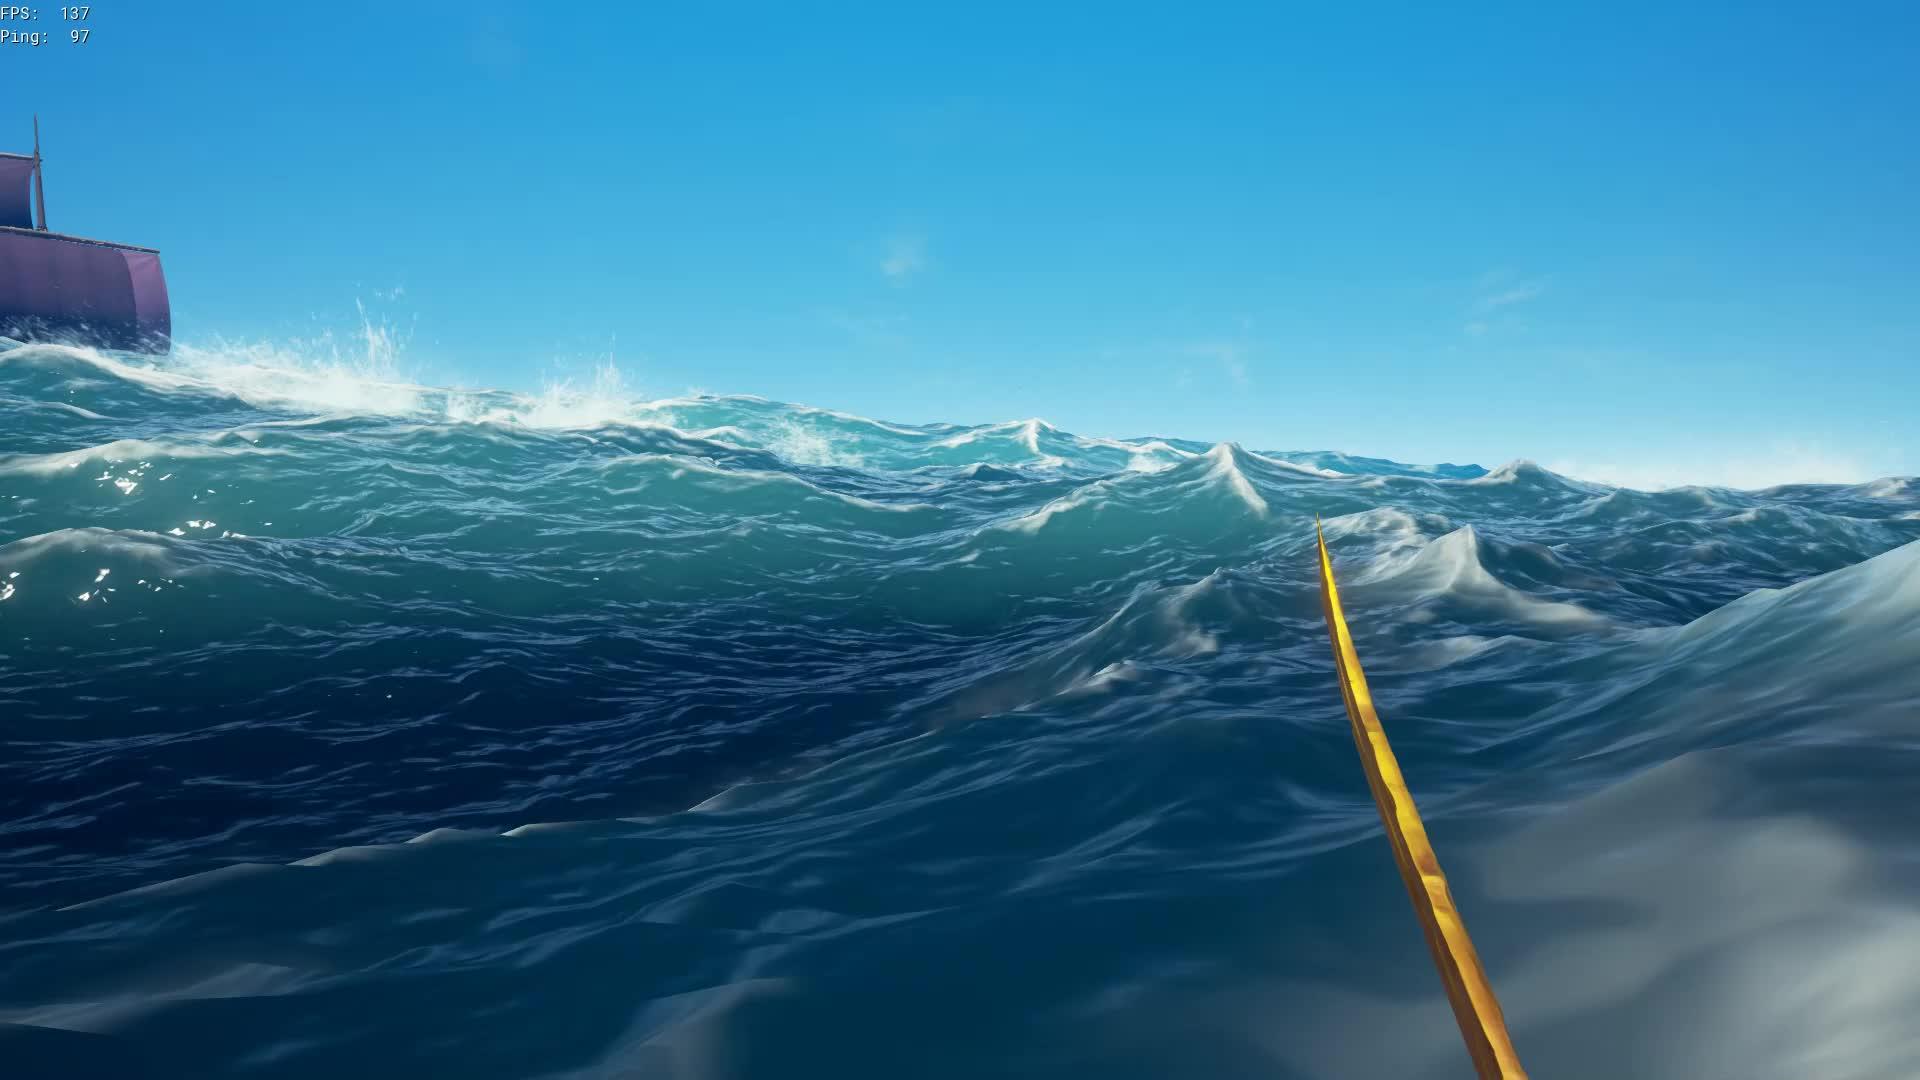 seaofthieves, Sea of Thieves 2019.02.09 - 01.25.32.15.DVR Trim GIFs